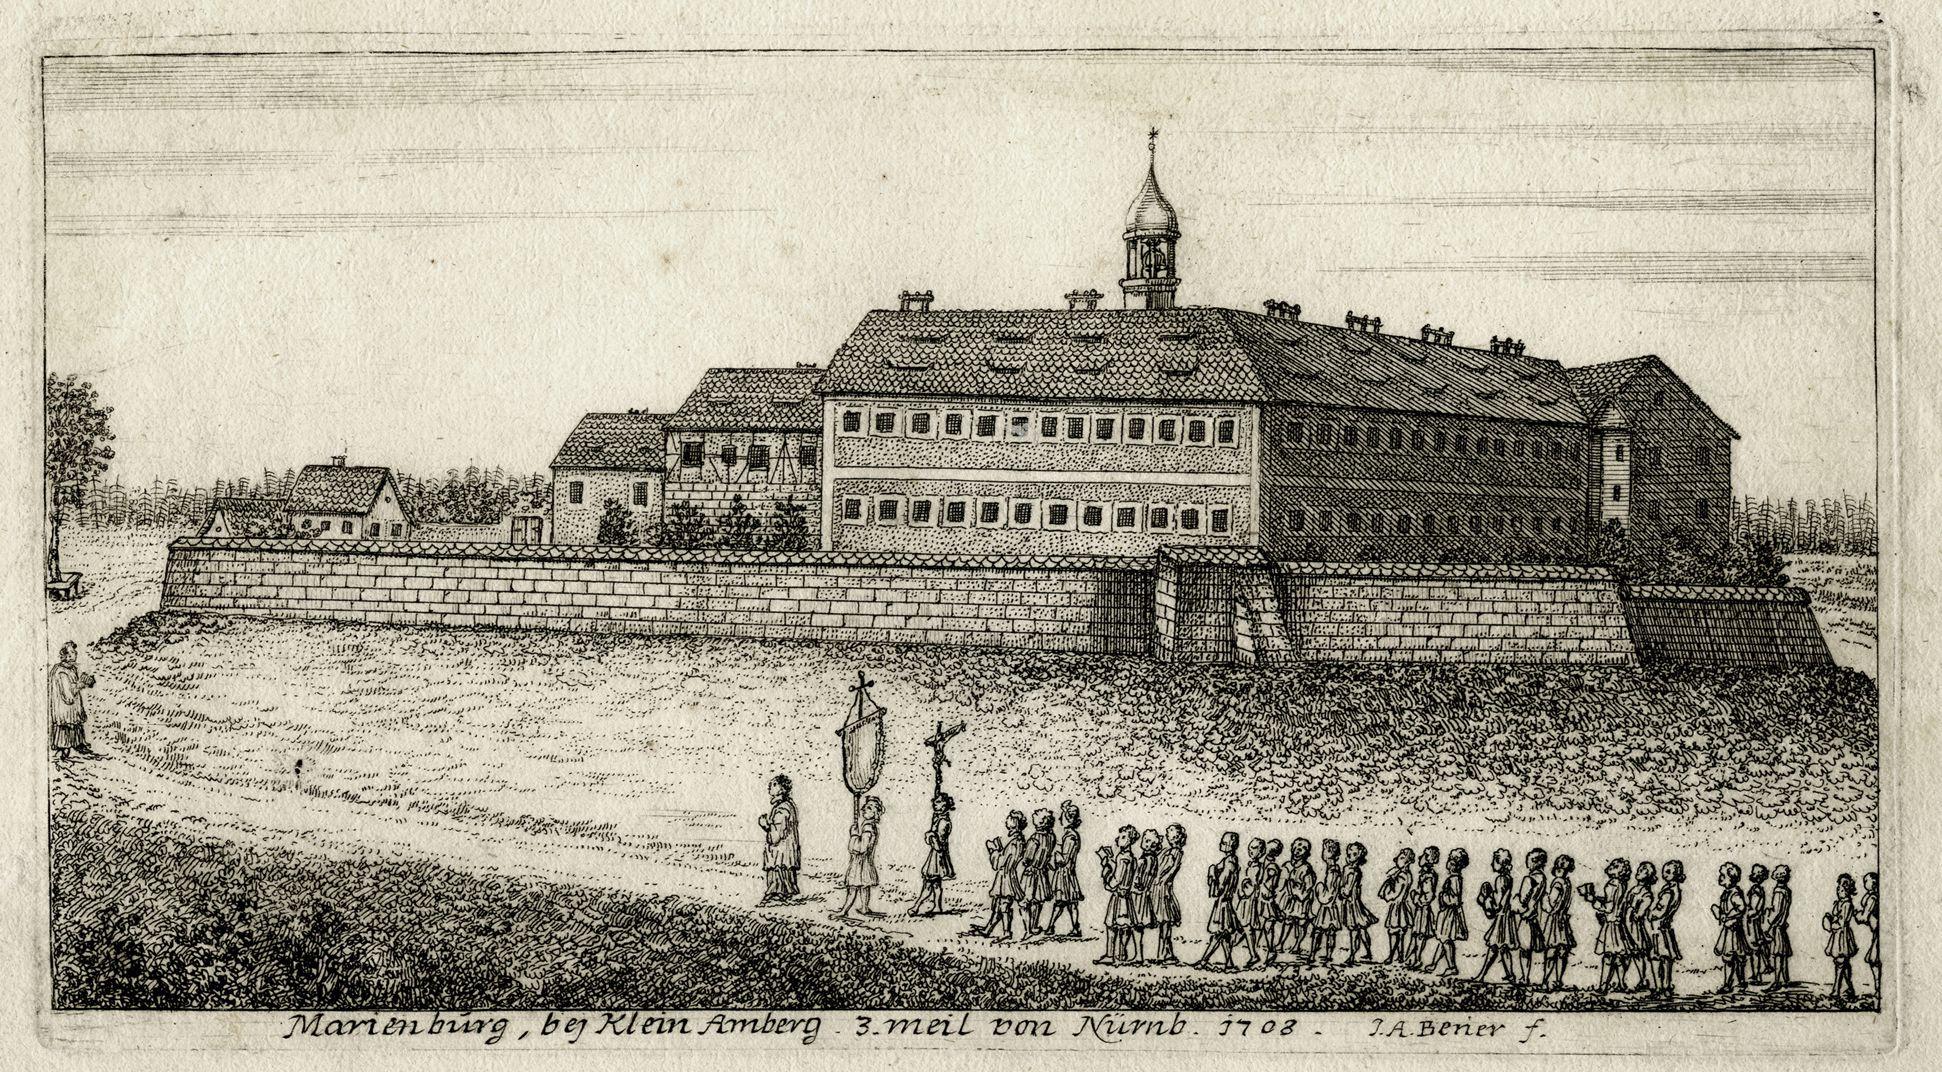 Marienburg, bej Klein Amberg.  3 meil von Nürnb. 1708 Gesamtansicht